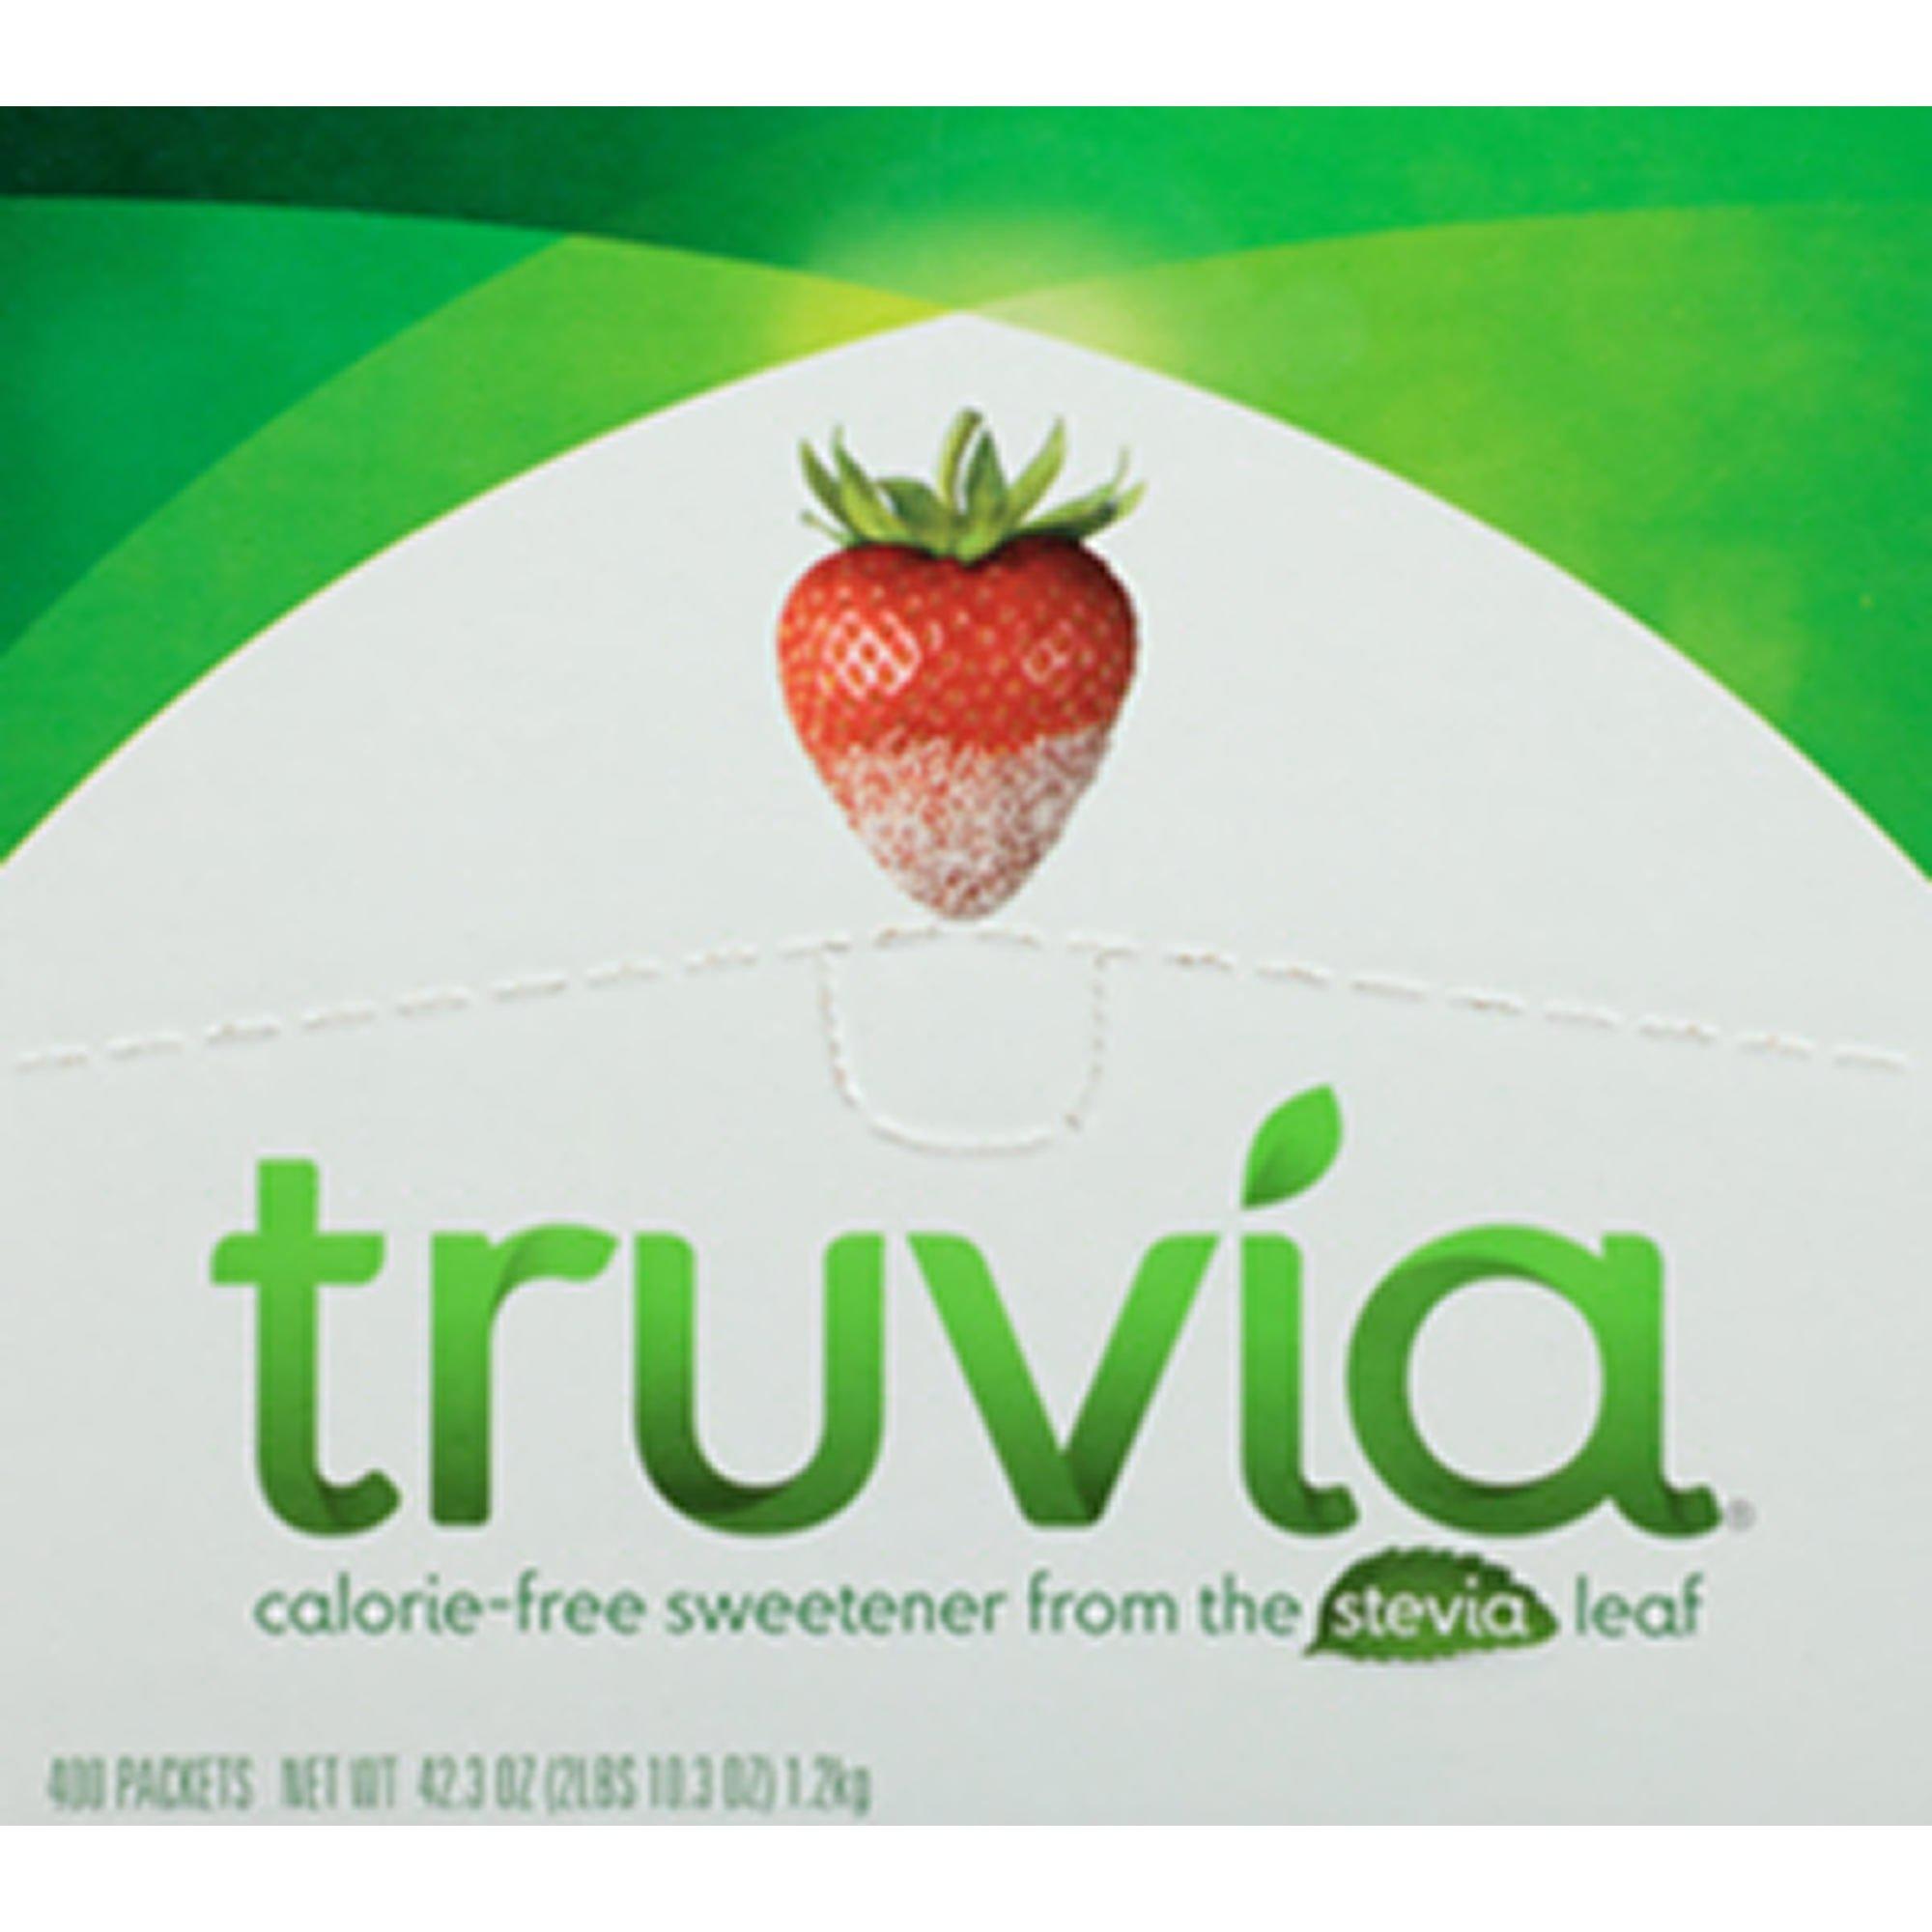 Truvia Sweetener, 400 ct. (pack of 6)